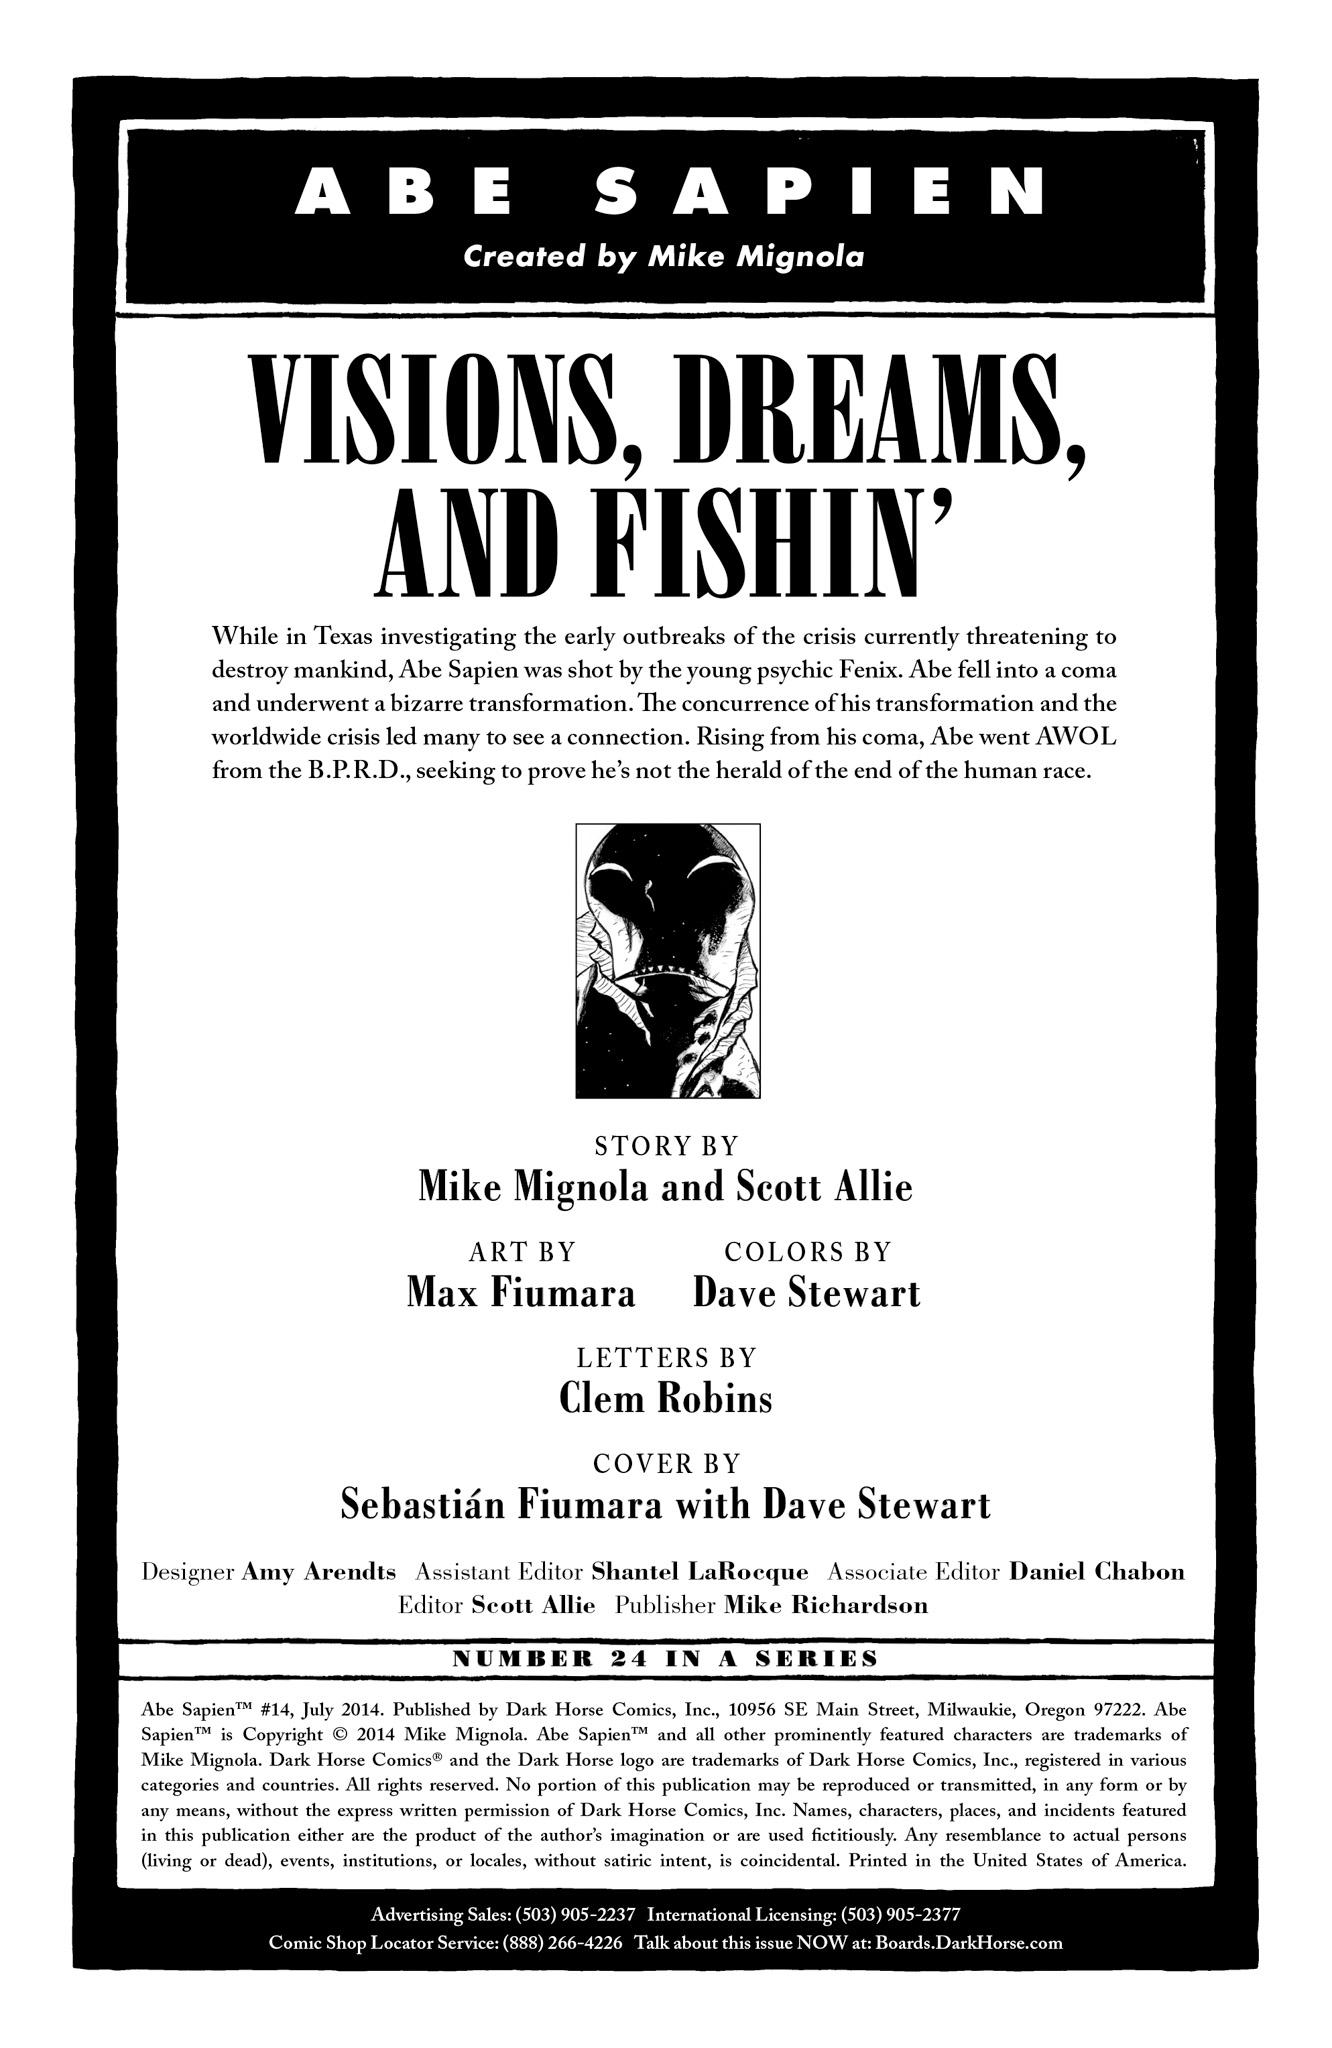 Read online Abe Sapien comic -  Issue #14 - 2